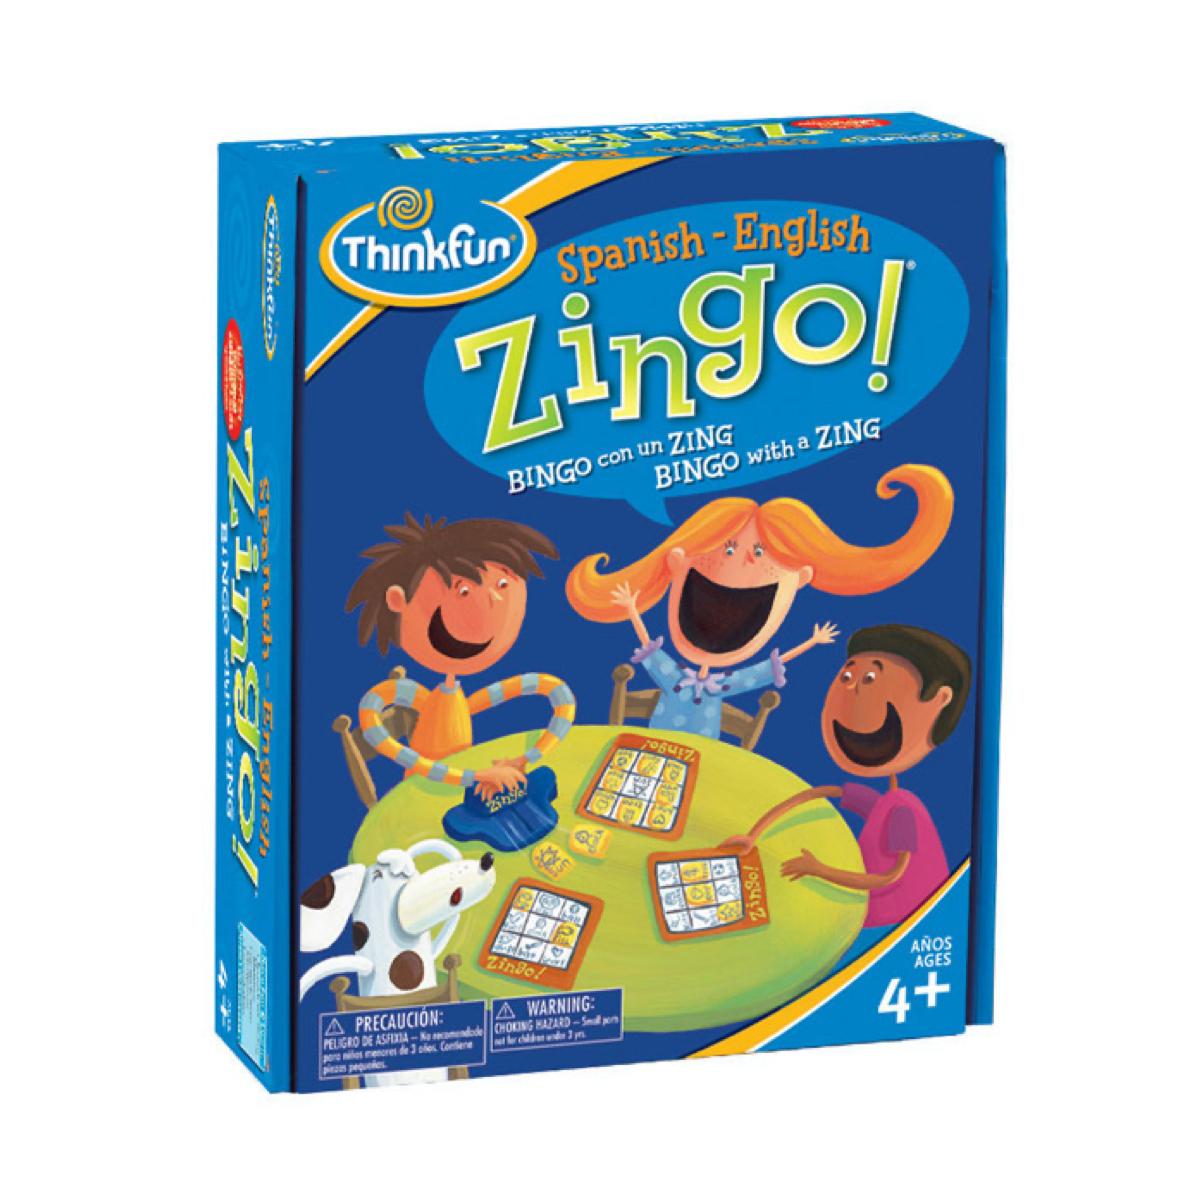 zingo-bilingual-think-fun-el-mundo-de-mico